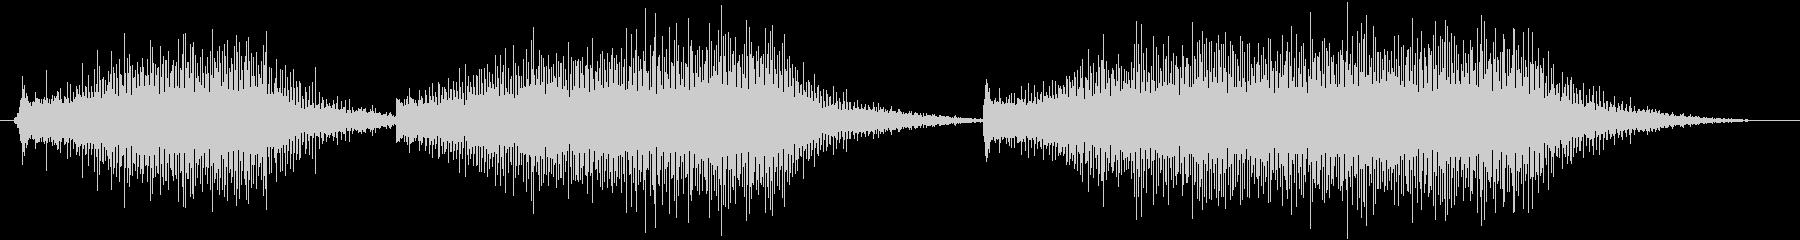 電気包丁:3つのショートカット、キ...の未再生の波形